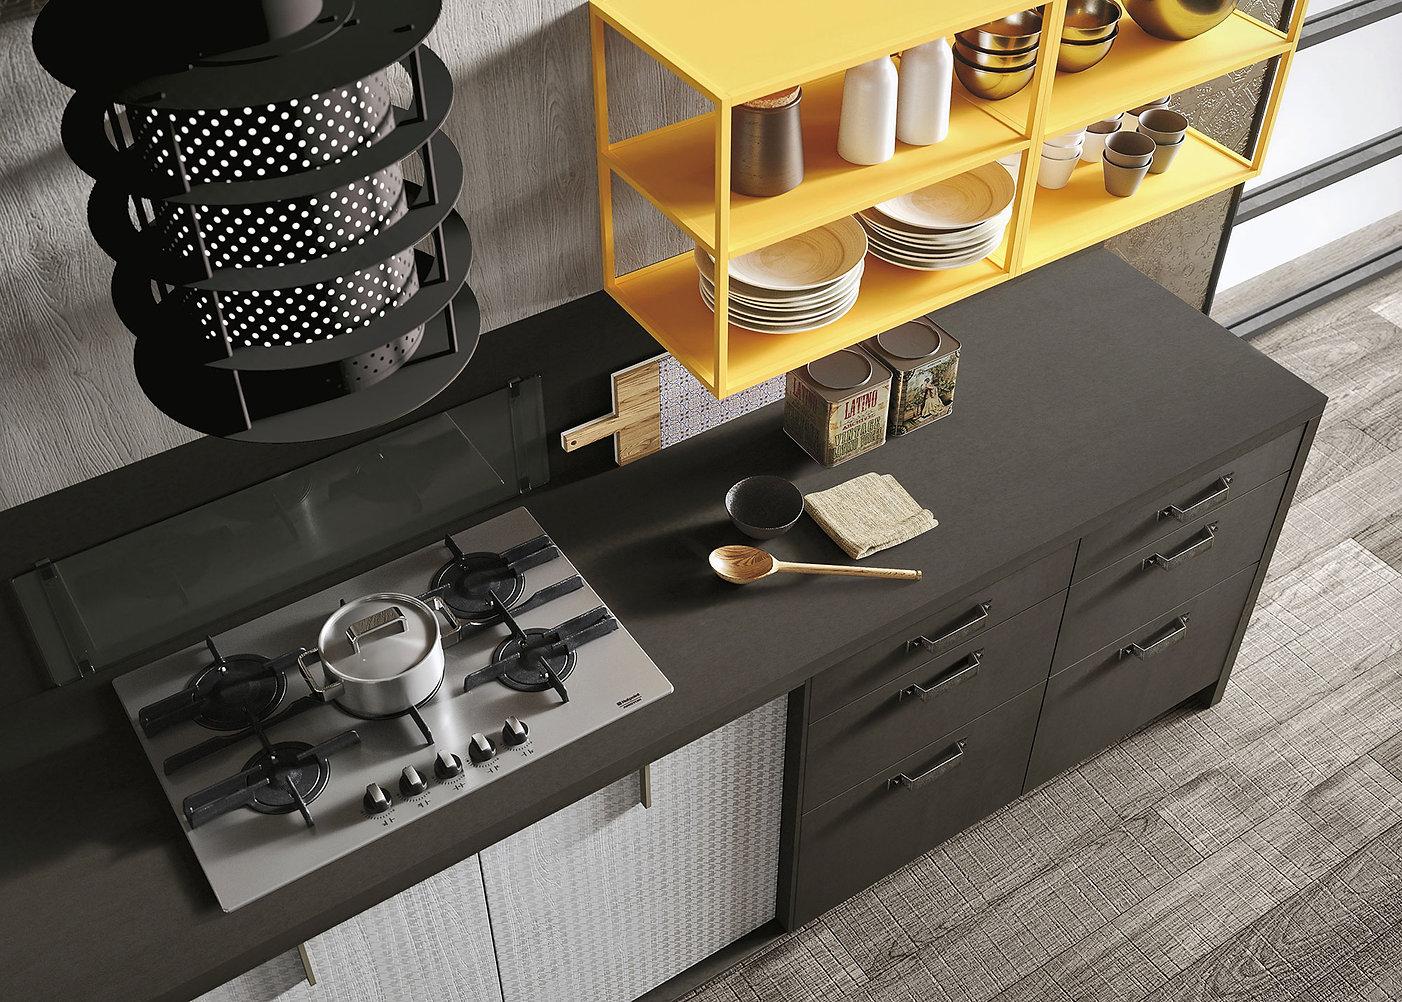 cucine-in-legno-design-loft-snaidero-det